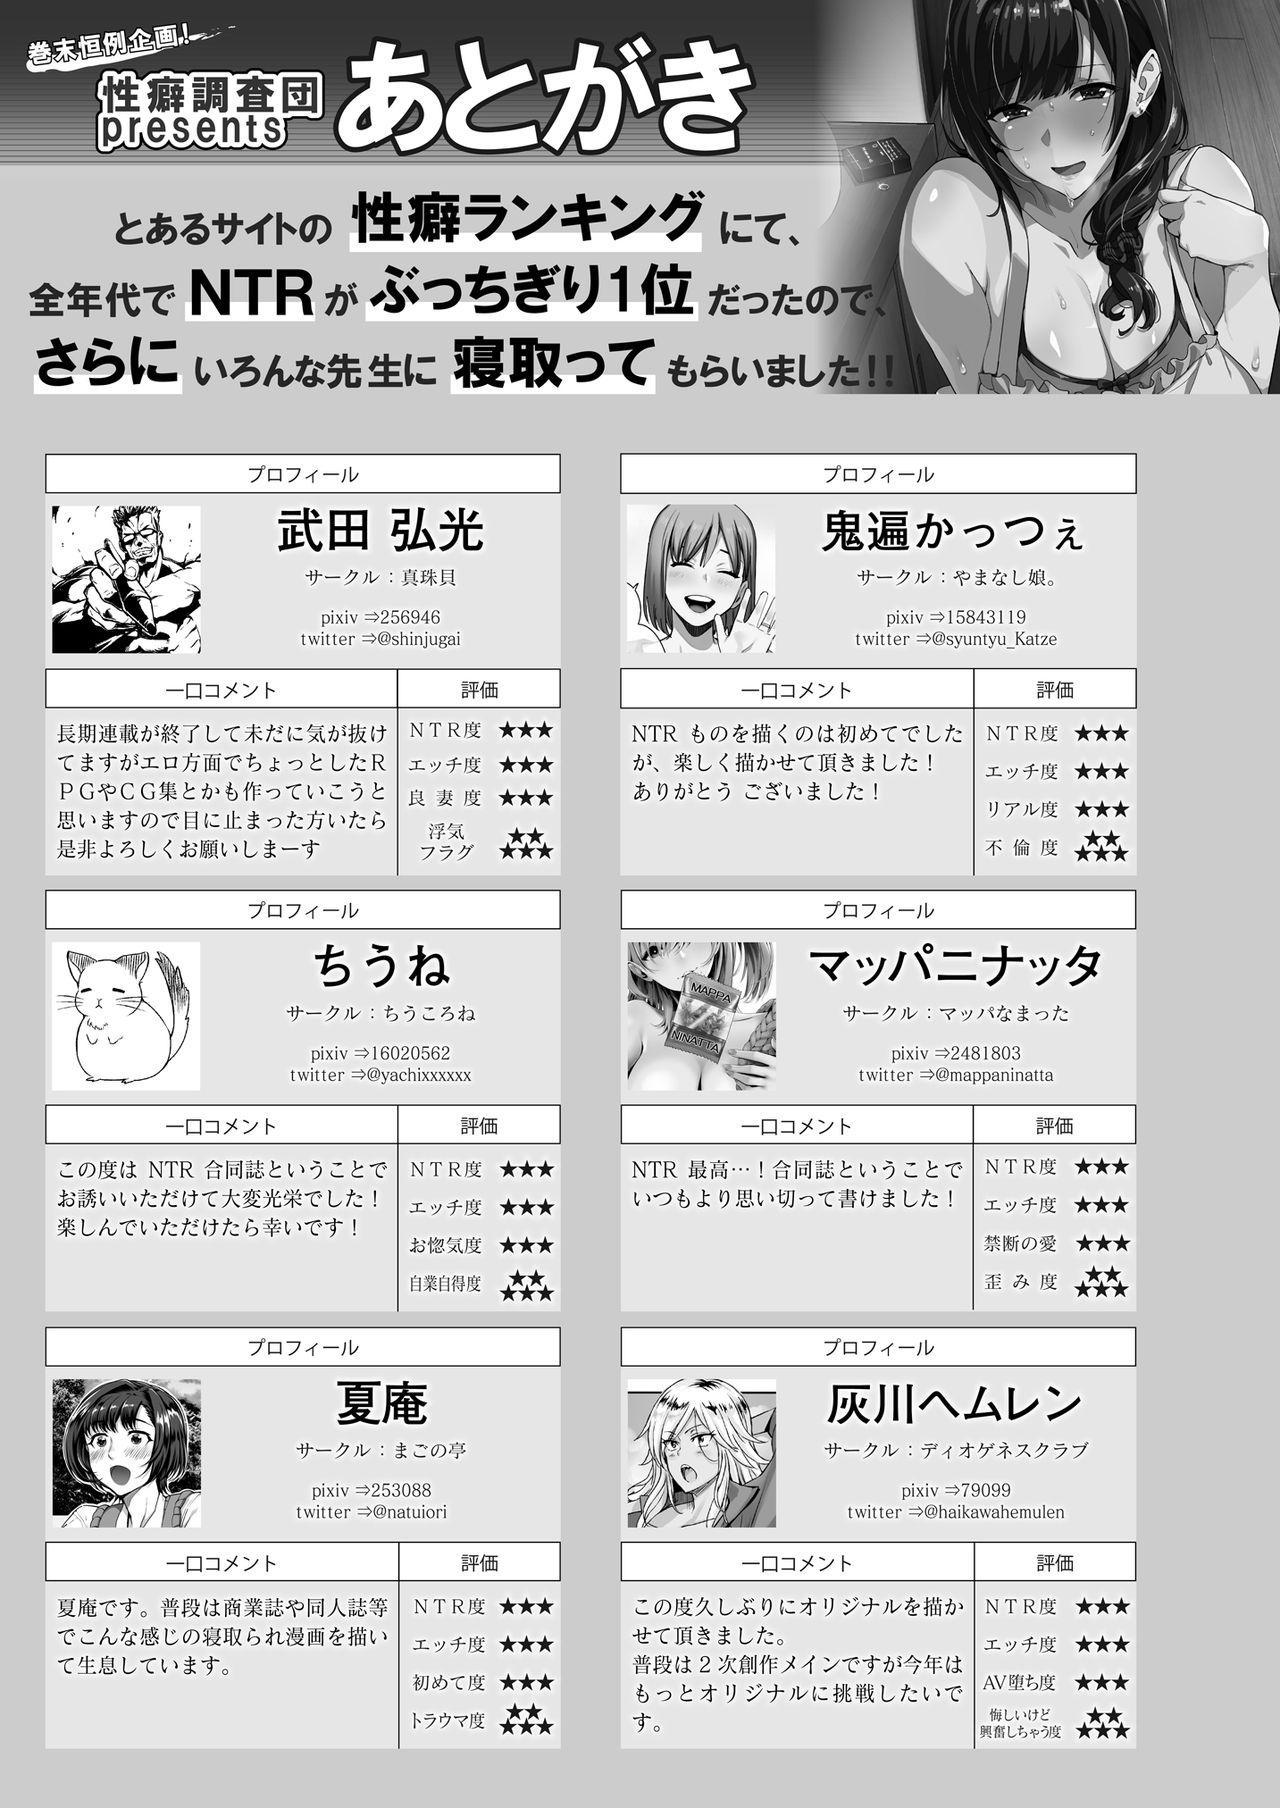 Toaru Site no Seiheki Ranking nite, Zennendai de NTR ga Bucchigiri 1-i Datta no de, Sara ni Ironna Onnanoko o Netotte Moraimashita!! 87